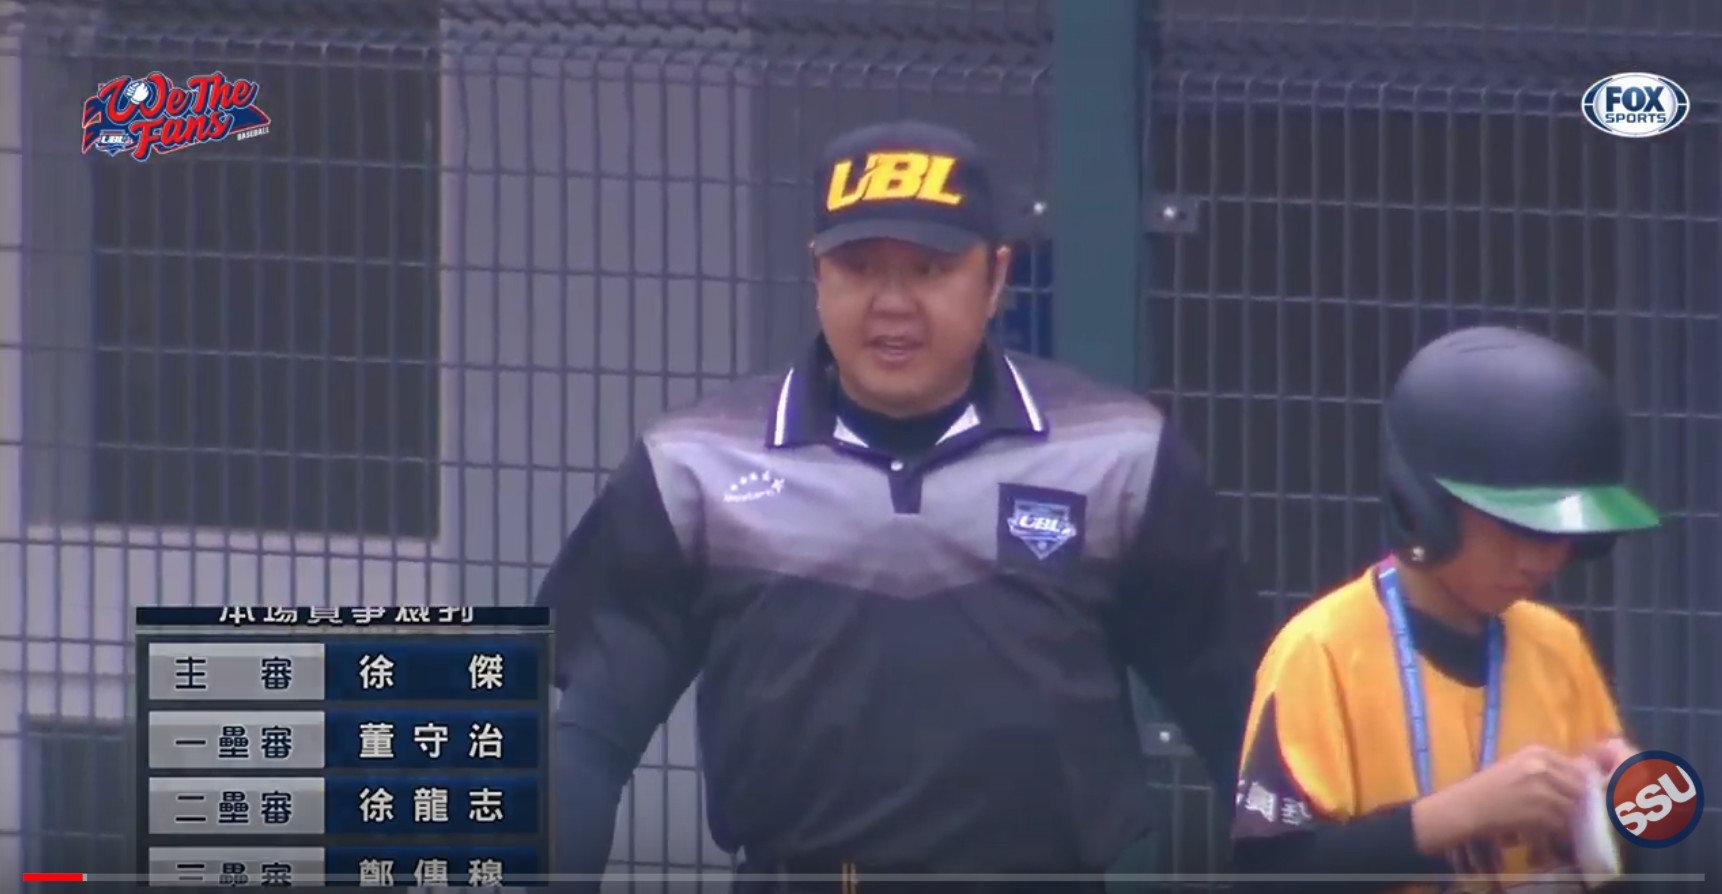 UBL大專棒球聯賽特製裁判服裝